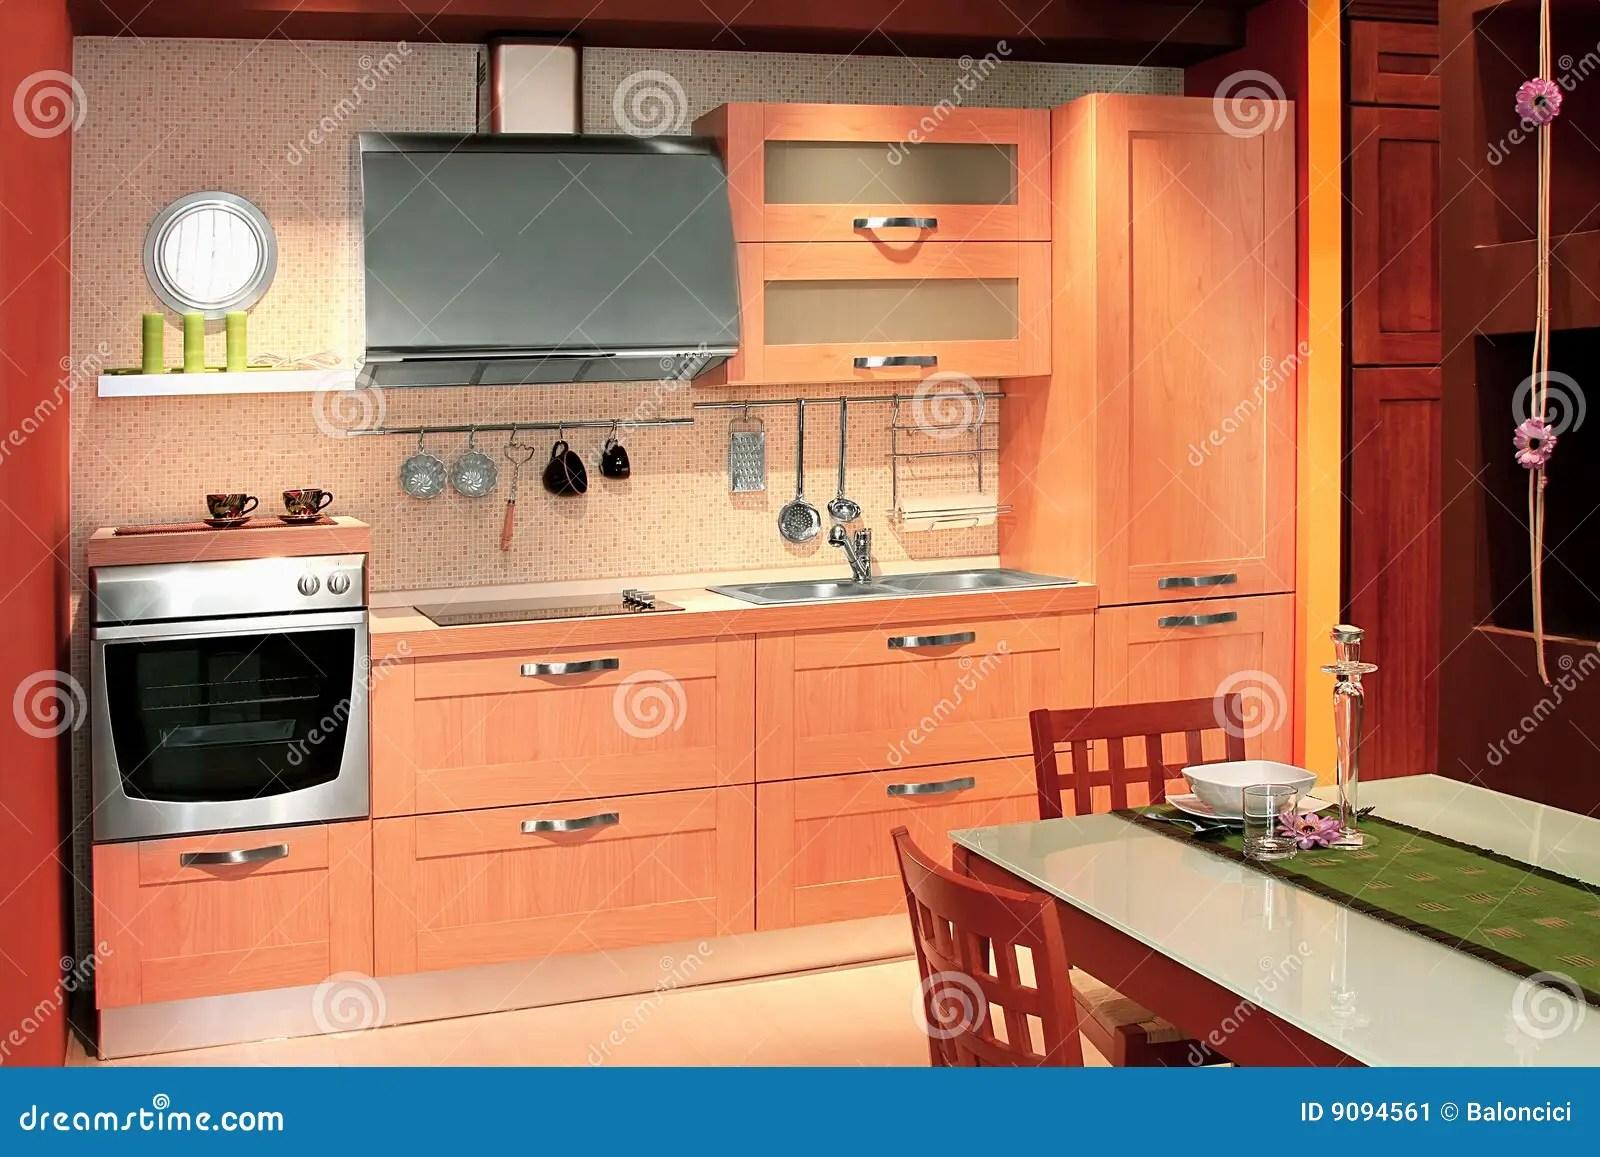 compact kitchen sink design template 角度紧凑厨房库存图片 图片包括有现代 厨房 水槽 出票人 透气 户内 紧凑内部厨房光木头